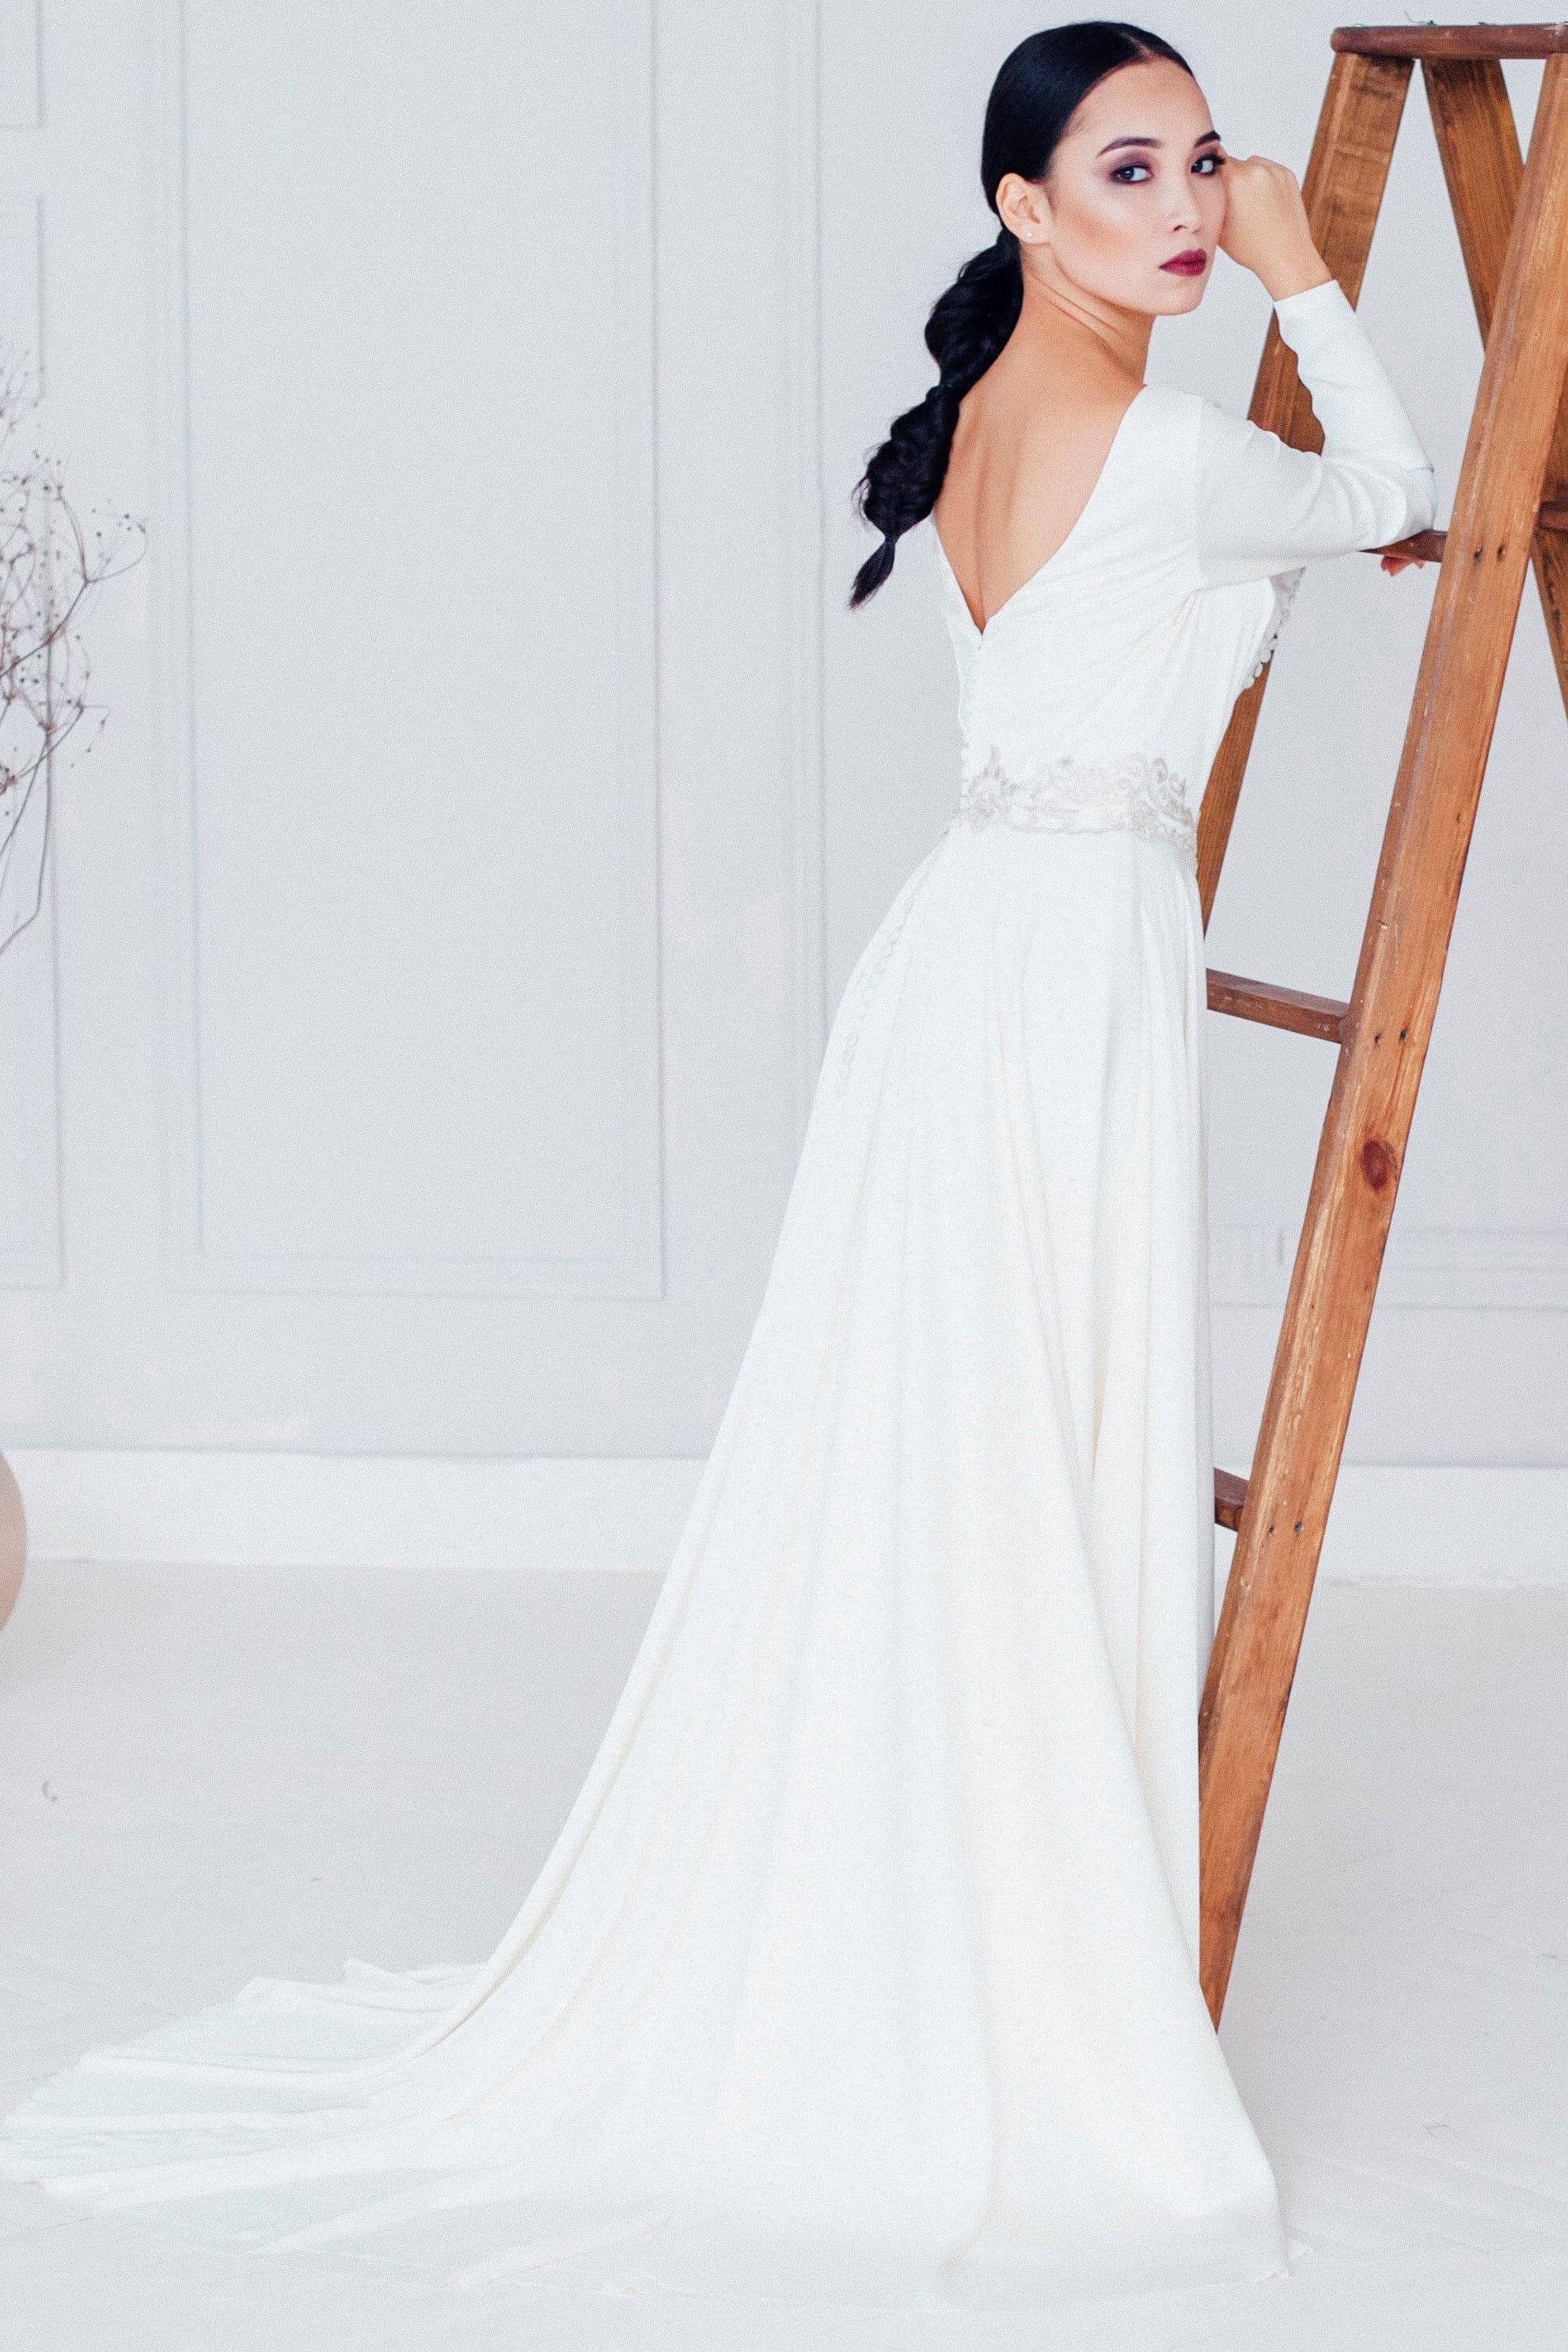 Свадебное платье ASAMI, коллекция REFINED ELEGANCE, бренд OKA NOMO, фото 4